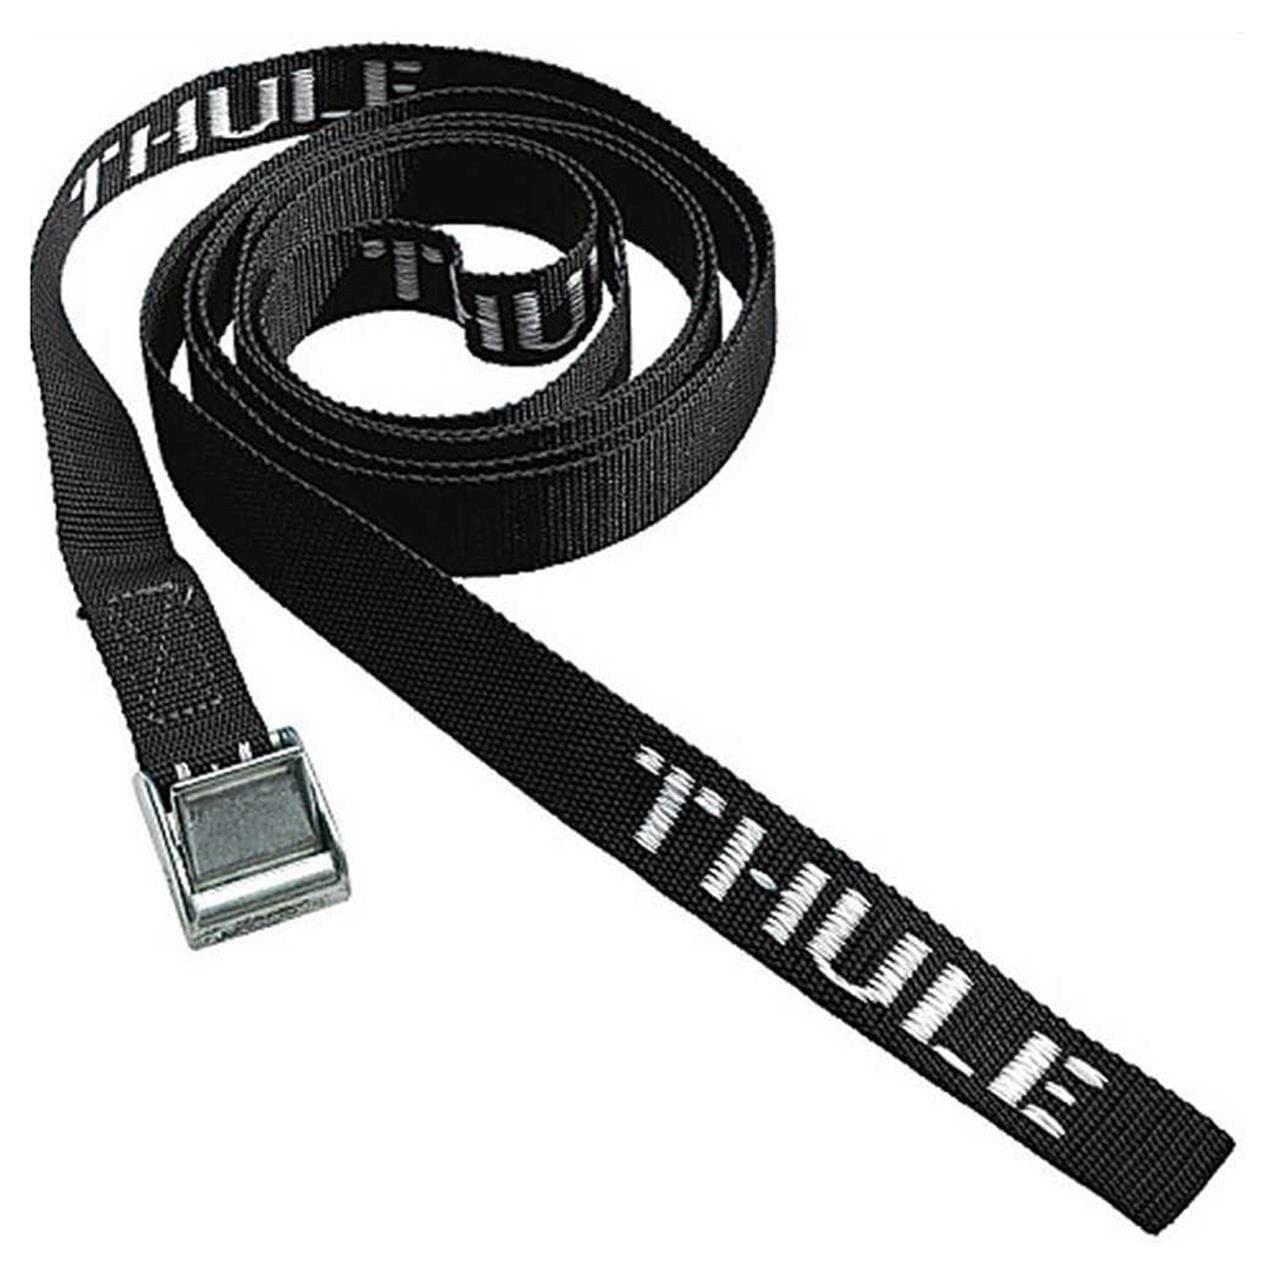 Thule Strap 523 2 Chingi de fixare cu lungime de 400 cm 1